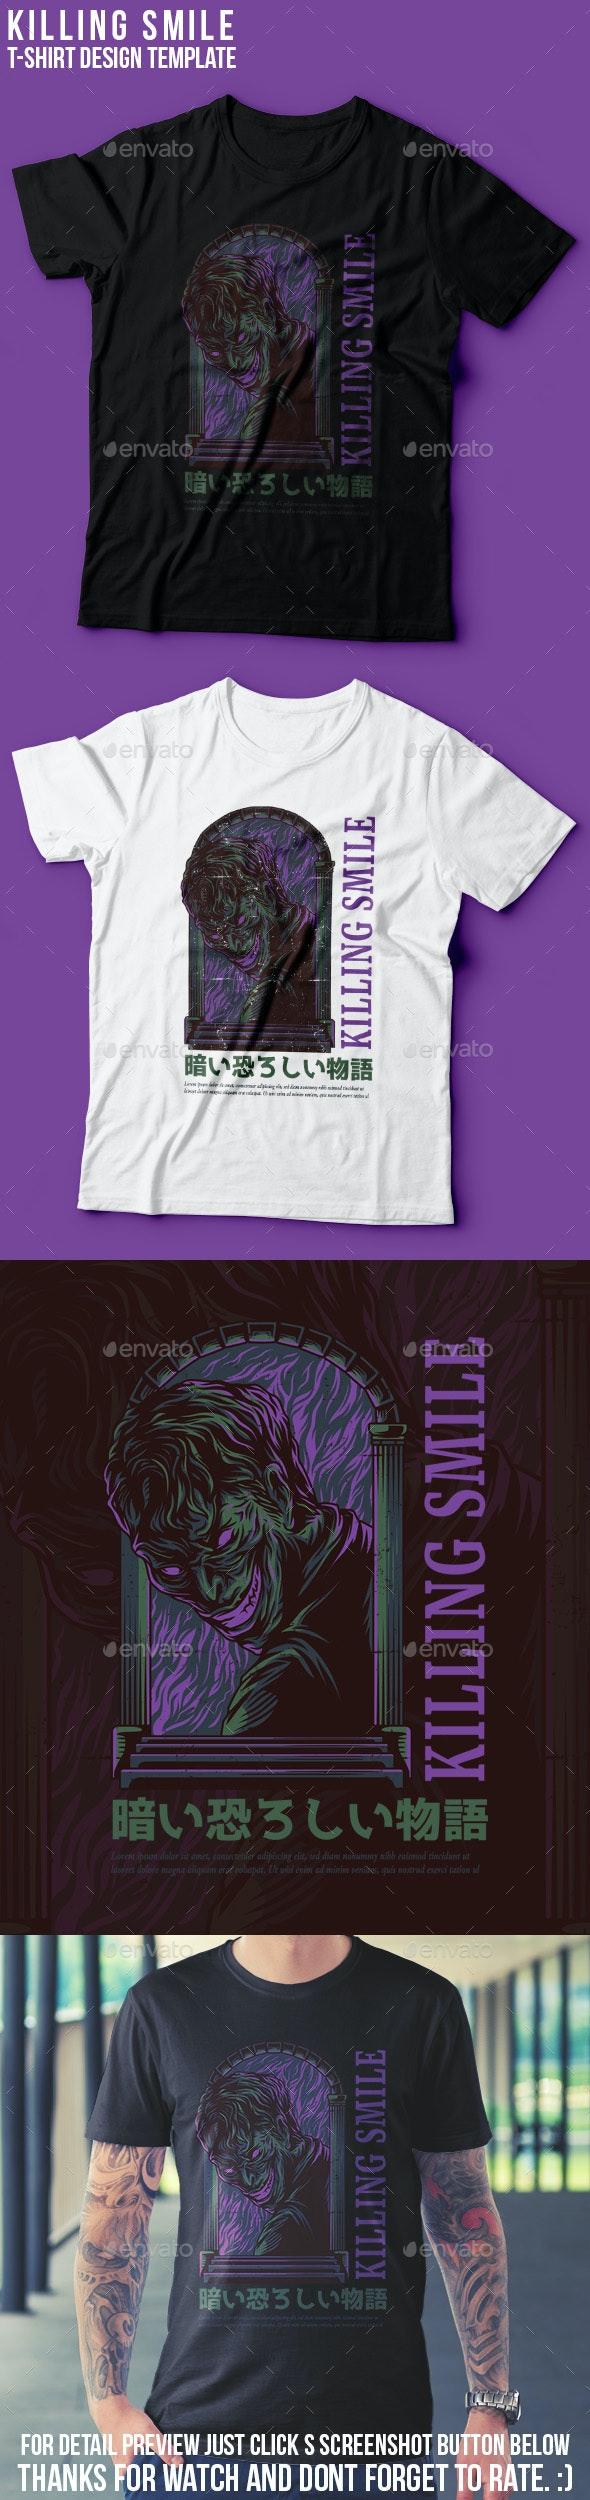 Killing Smile T-Shirt Design - Events T-Shirts